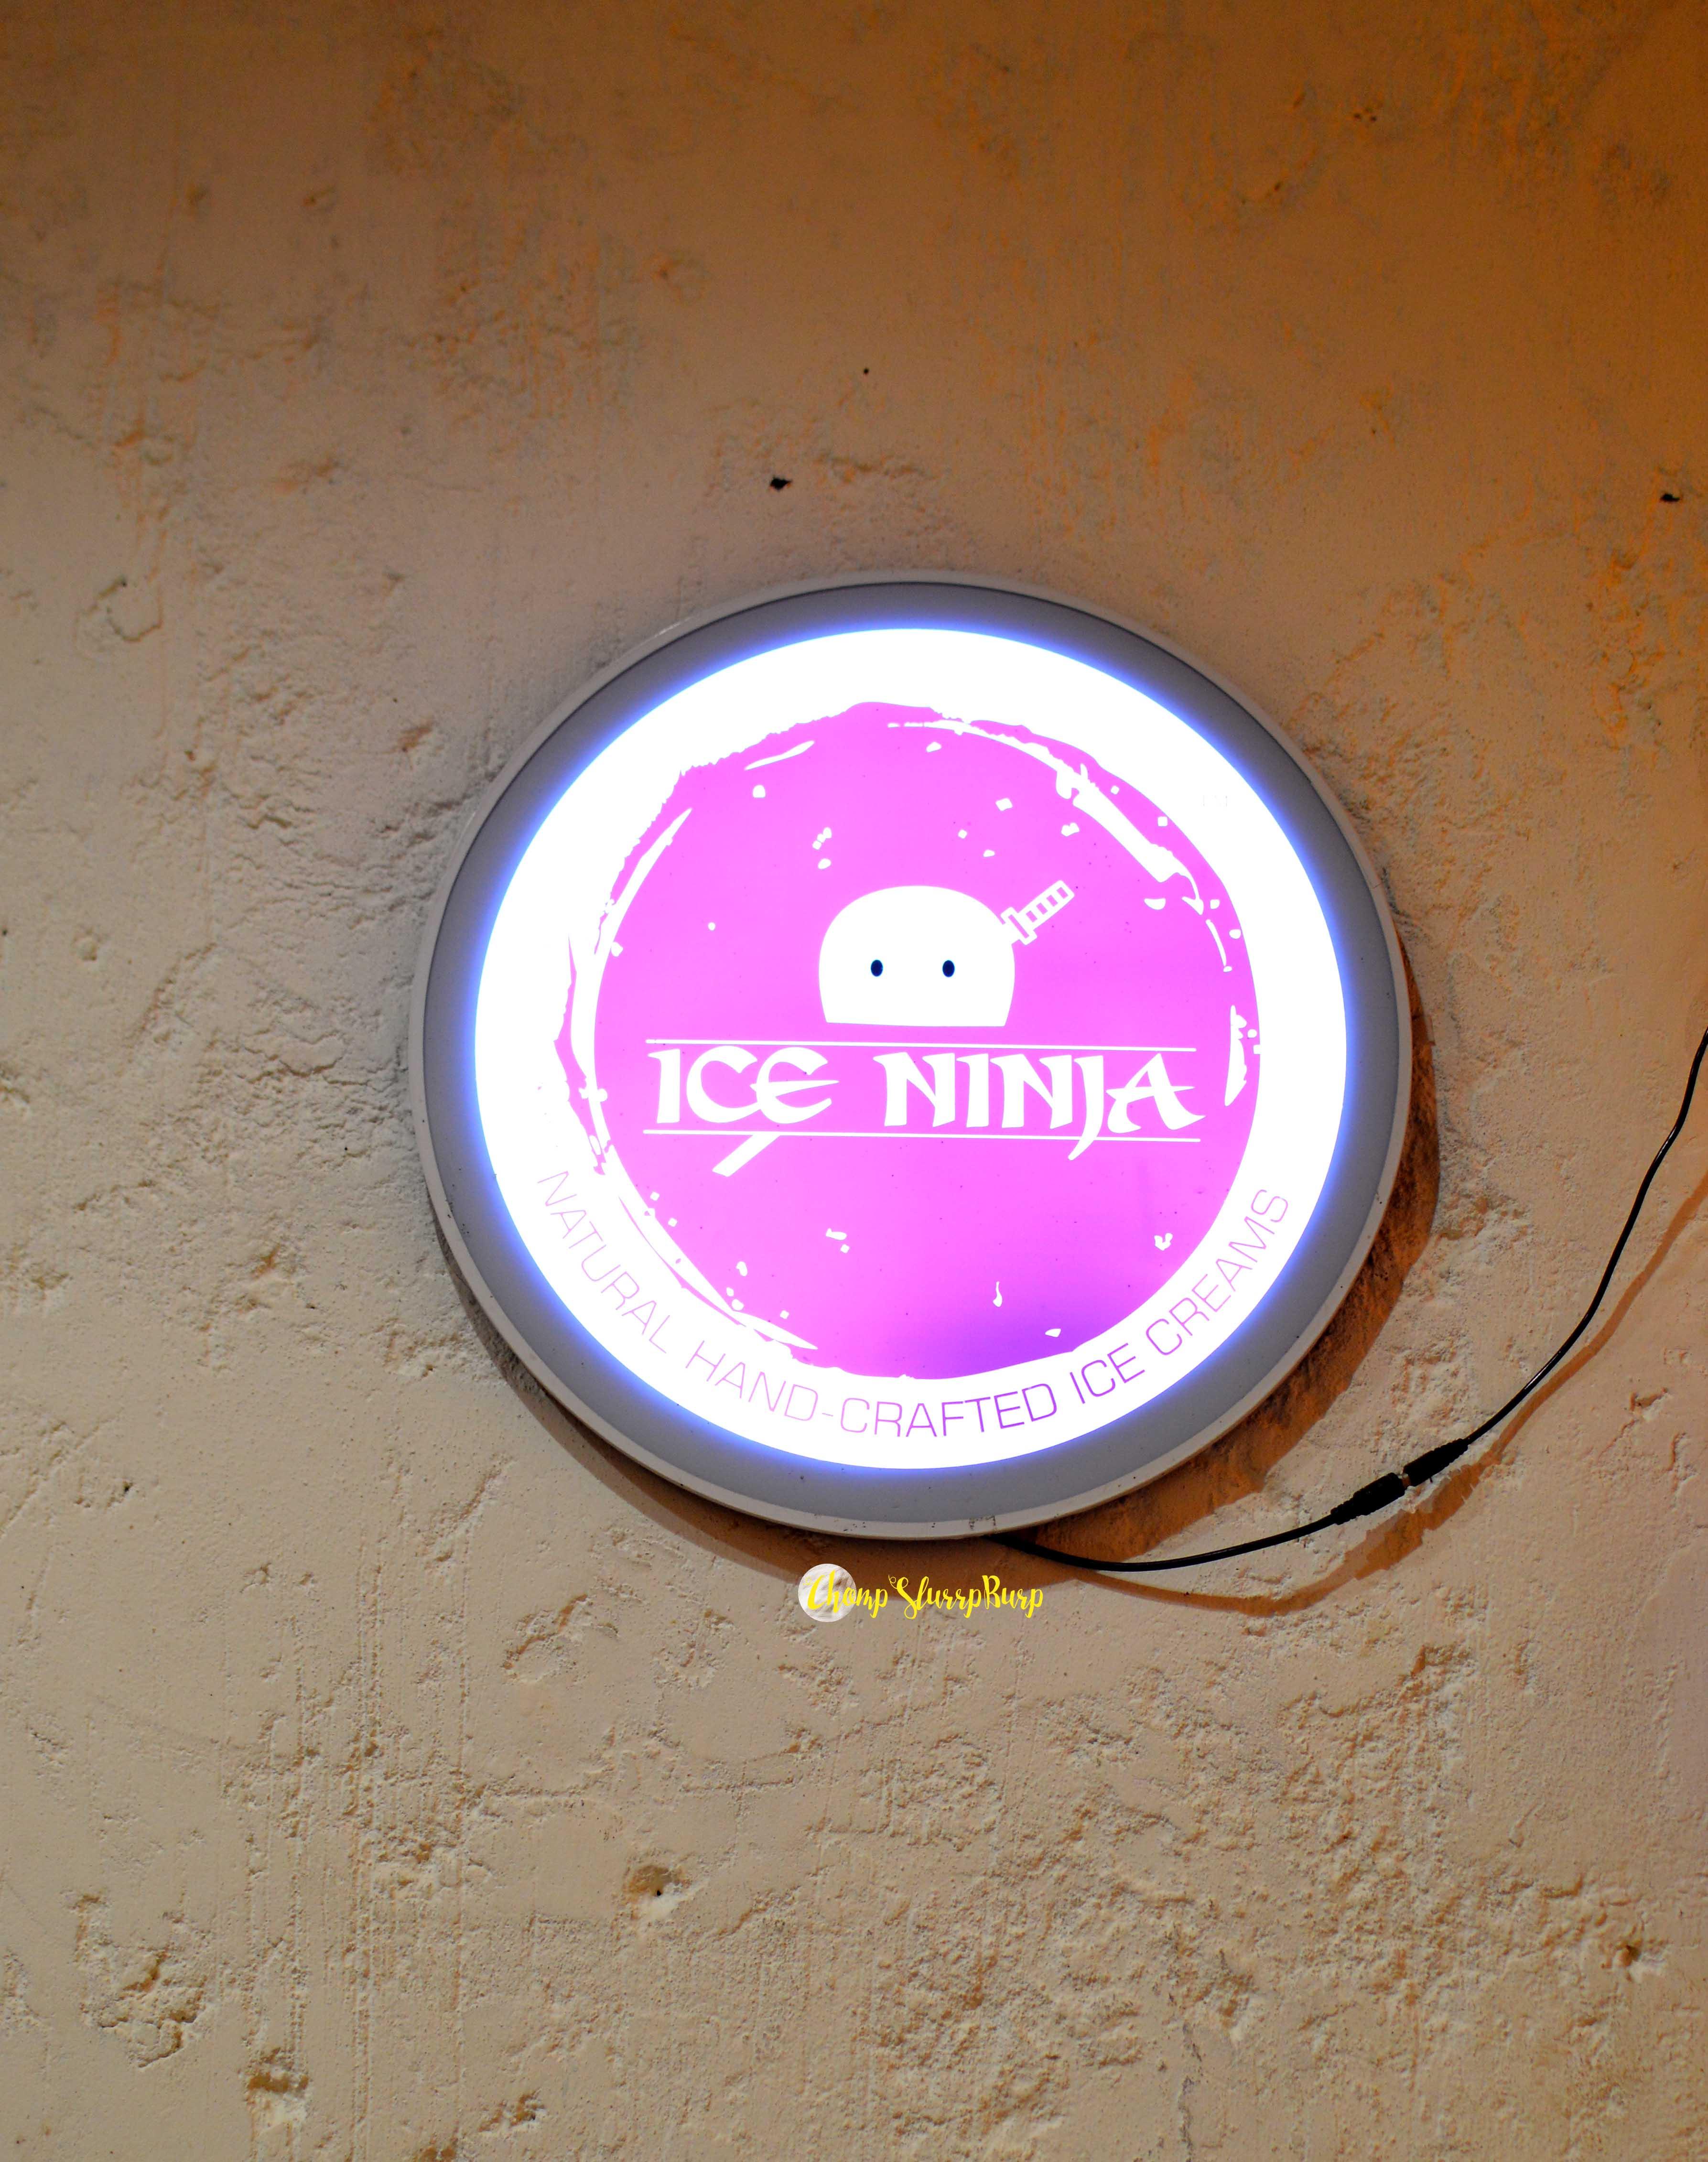 Ice Ninja (12)